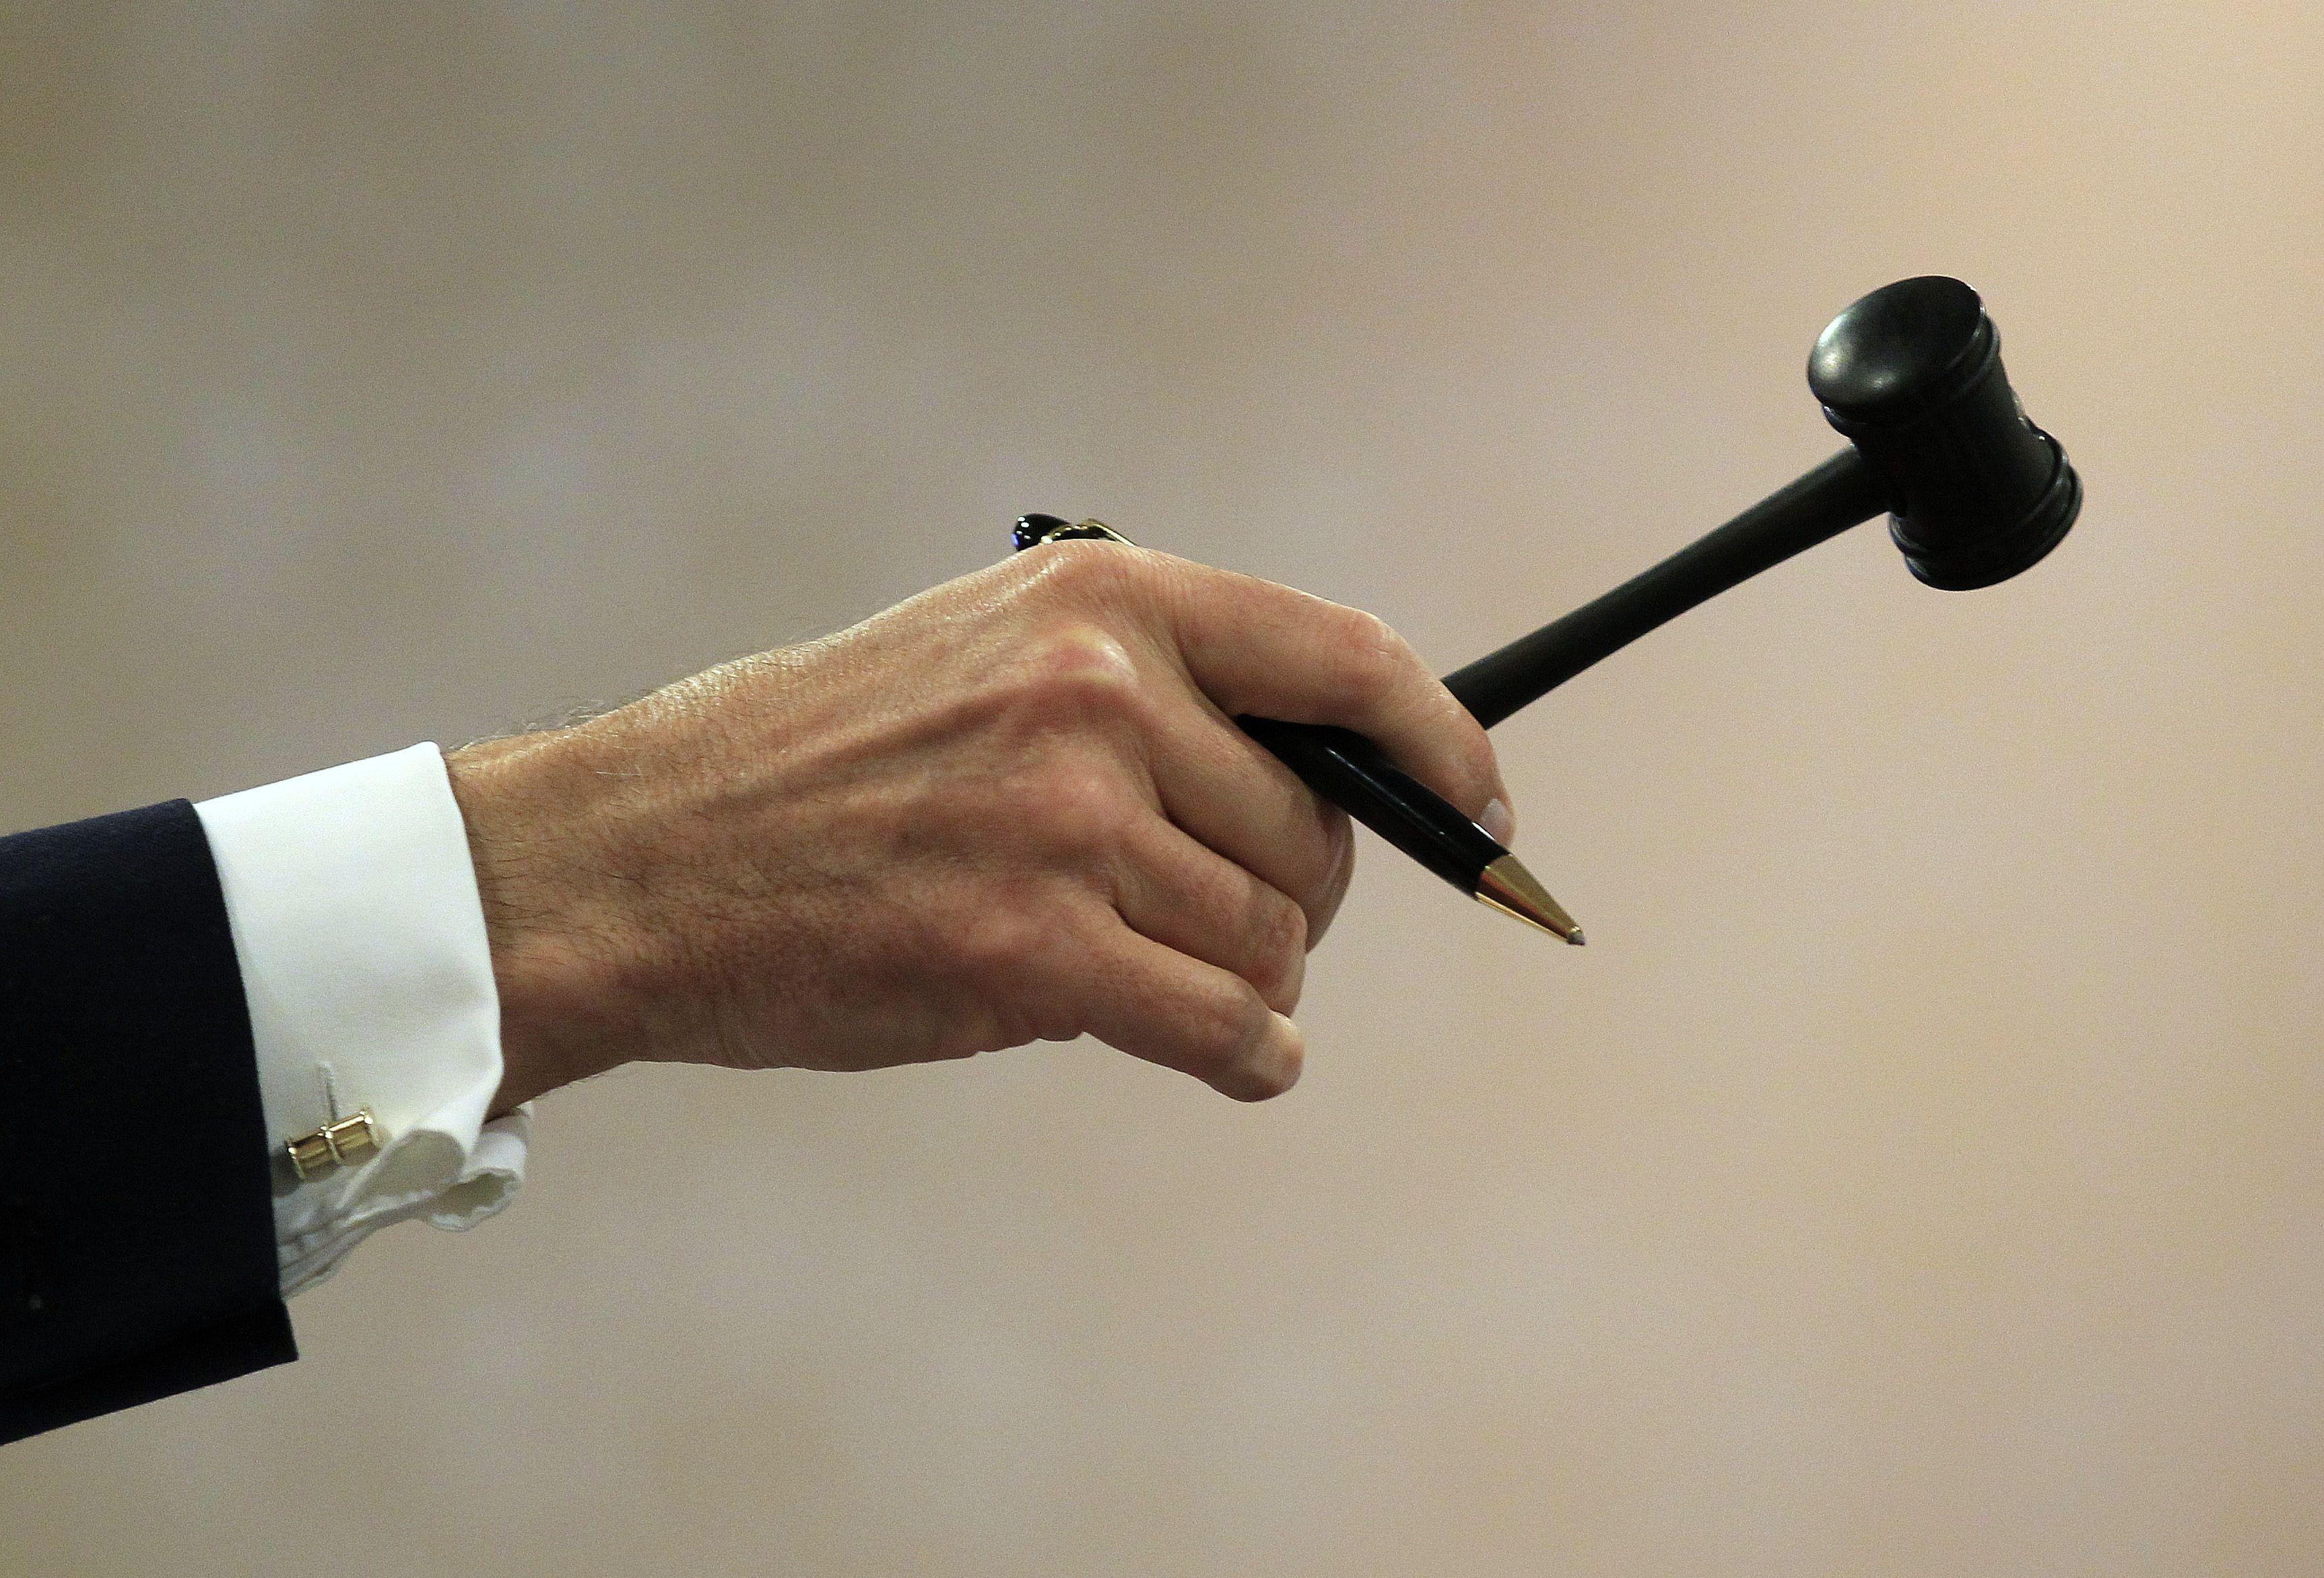 Comme toute institution humaine, la justice est faillible... bien que les juges ne veulent parfois pas l'admettre